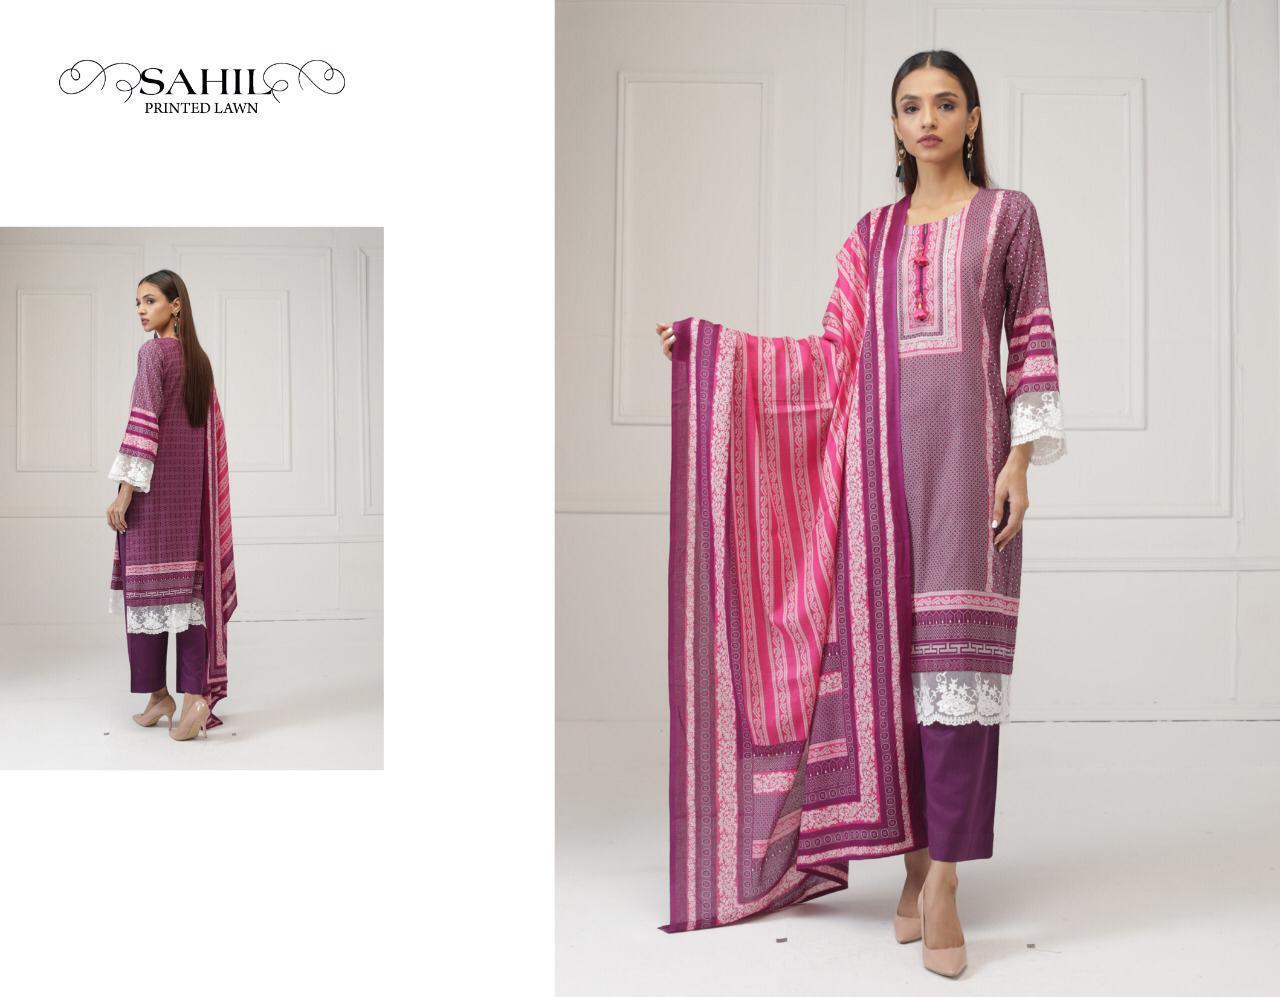 Sahil Printed Lawn Salwar Suit Wholesale Catalog 8 Pcs 8 - Sahil Printed Lawn Salwar Suit Wholesale Catalog 8 Pcs